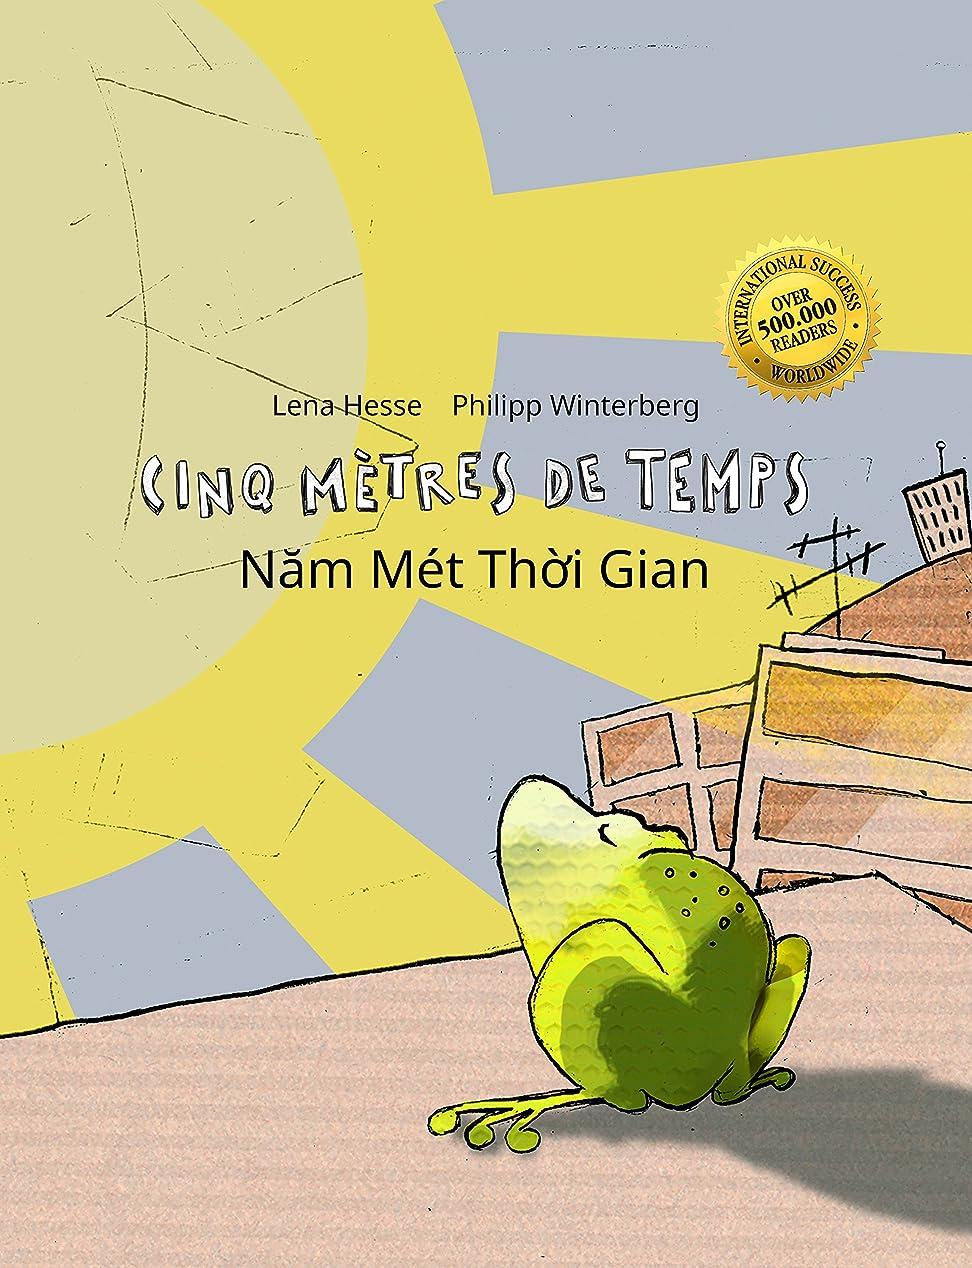 捕虜労苦コンプリートCinq mètres de temps/N?m Mét Th?i Gian: Un livre d'images pour les enfants (Edition bilingue fran?ais-vietnamien) (French Edition)